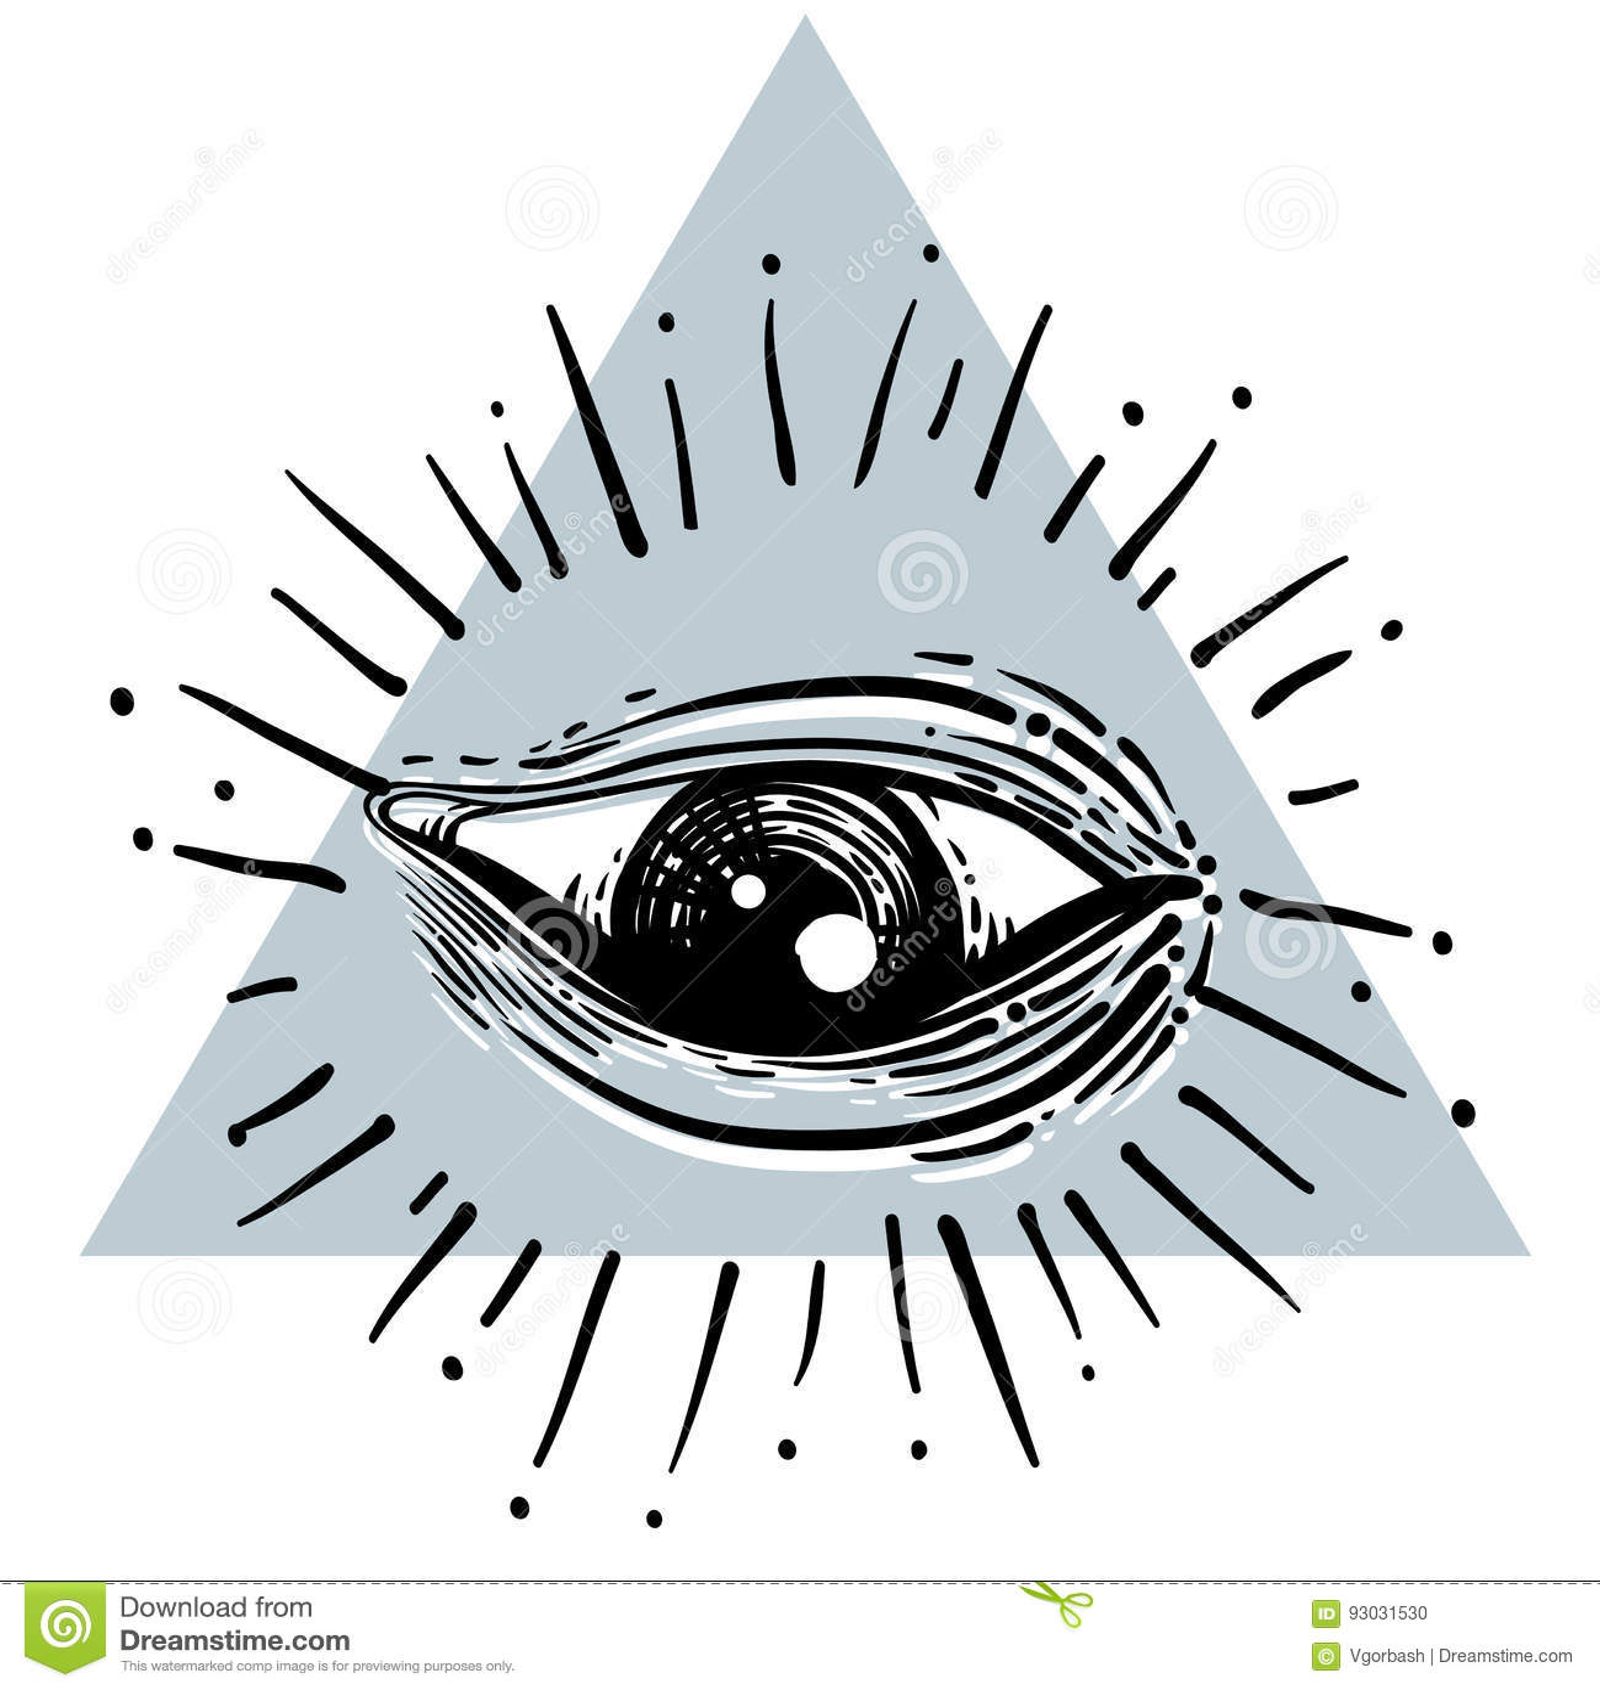 Eye of providence masonic symbol all seeing eye inside triangl masonic symbol all seeing eye inside triangl buycottarizona Images